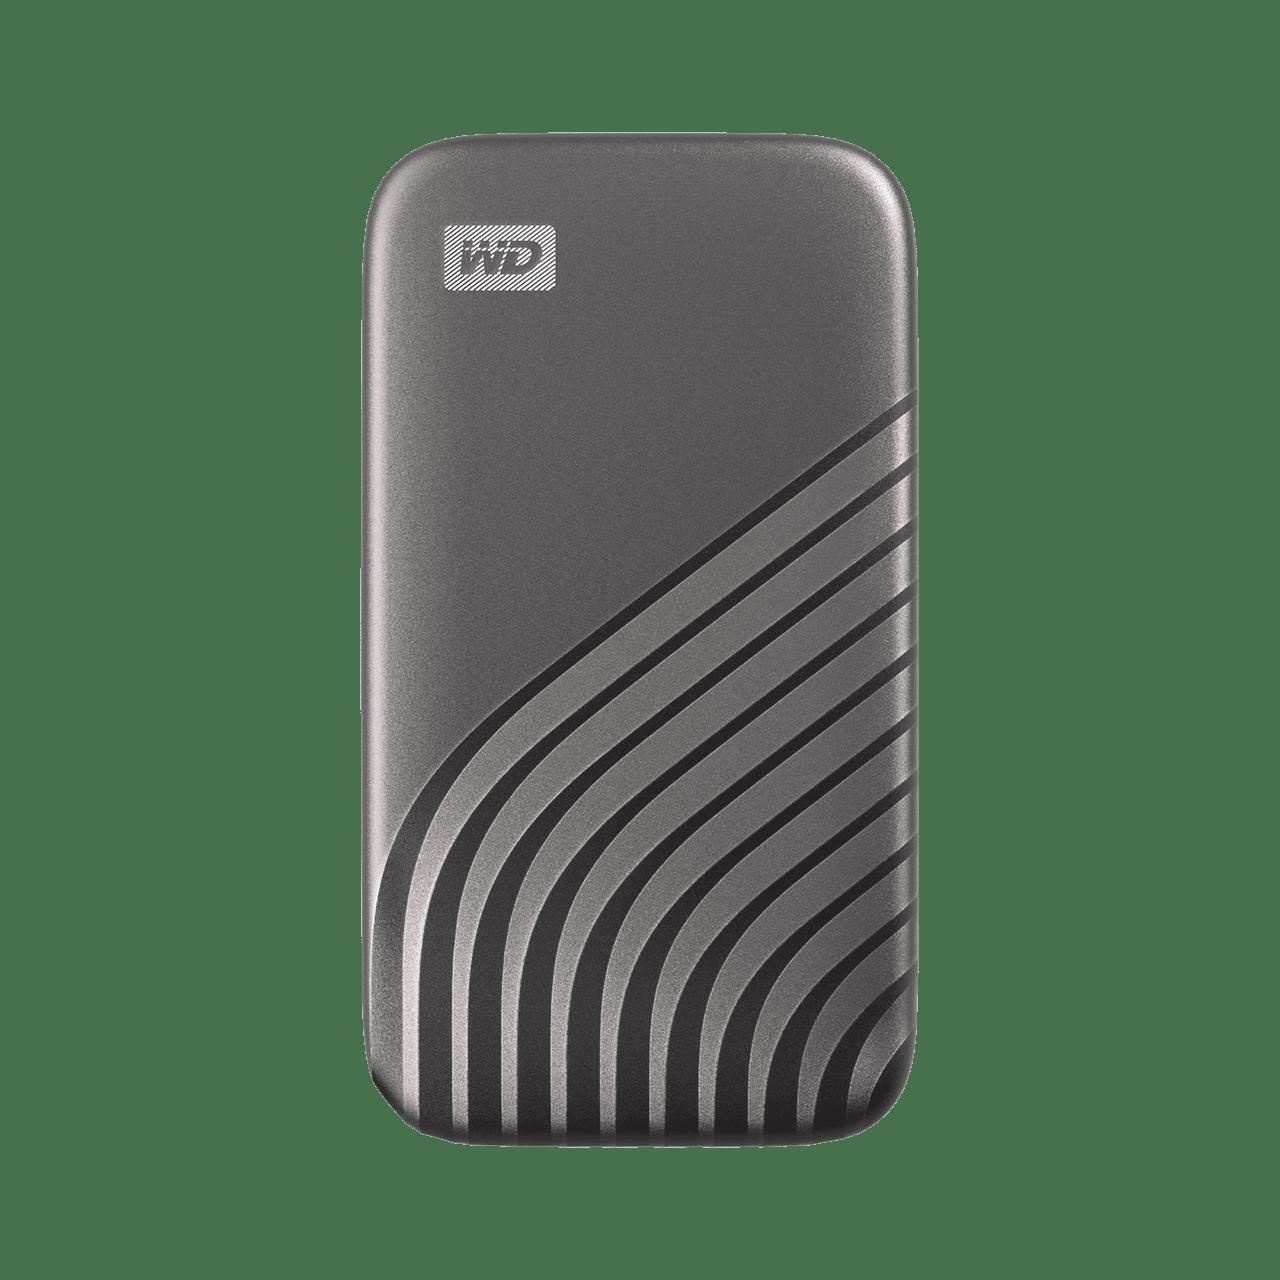 Ext. SSD WD My Passport SSD 1TB šedá - WDBAGF0010BGY-WESN